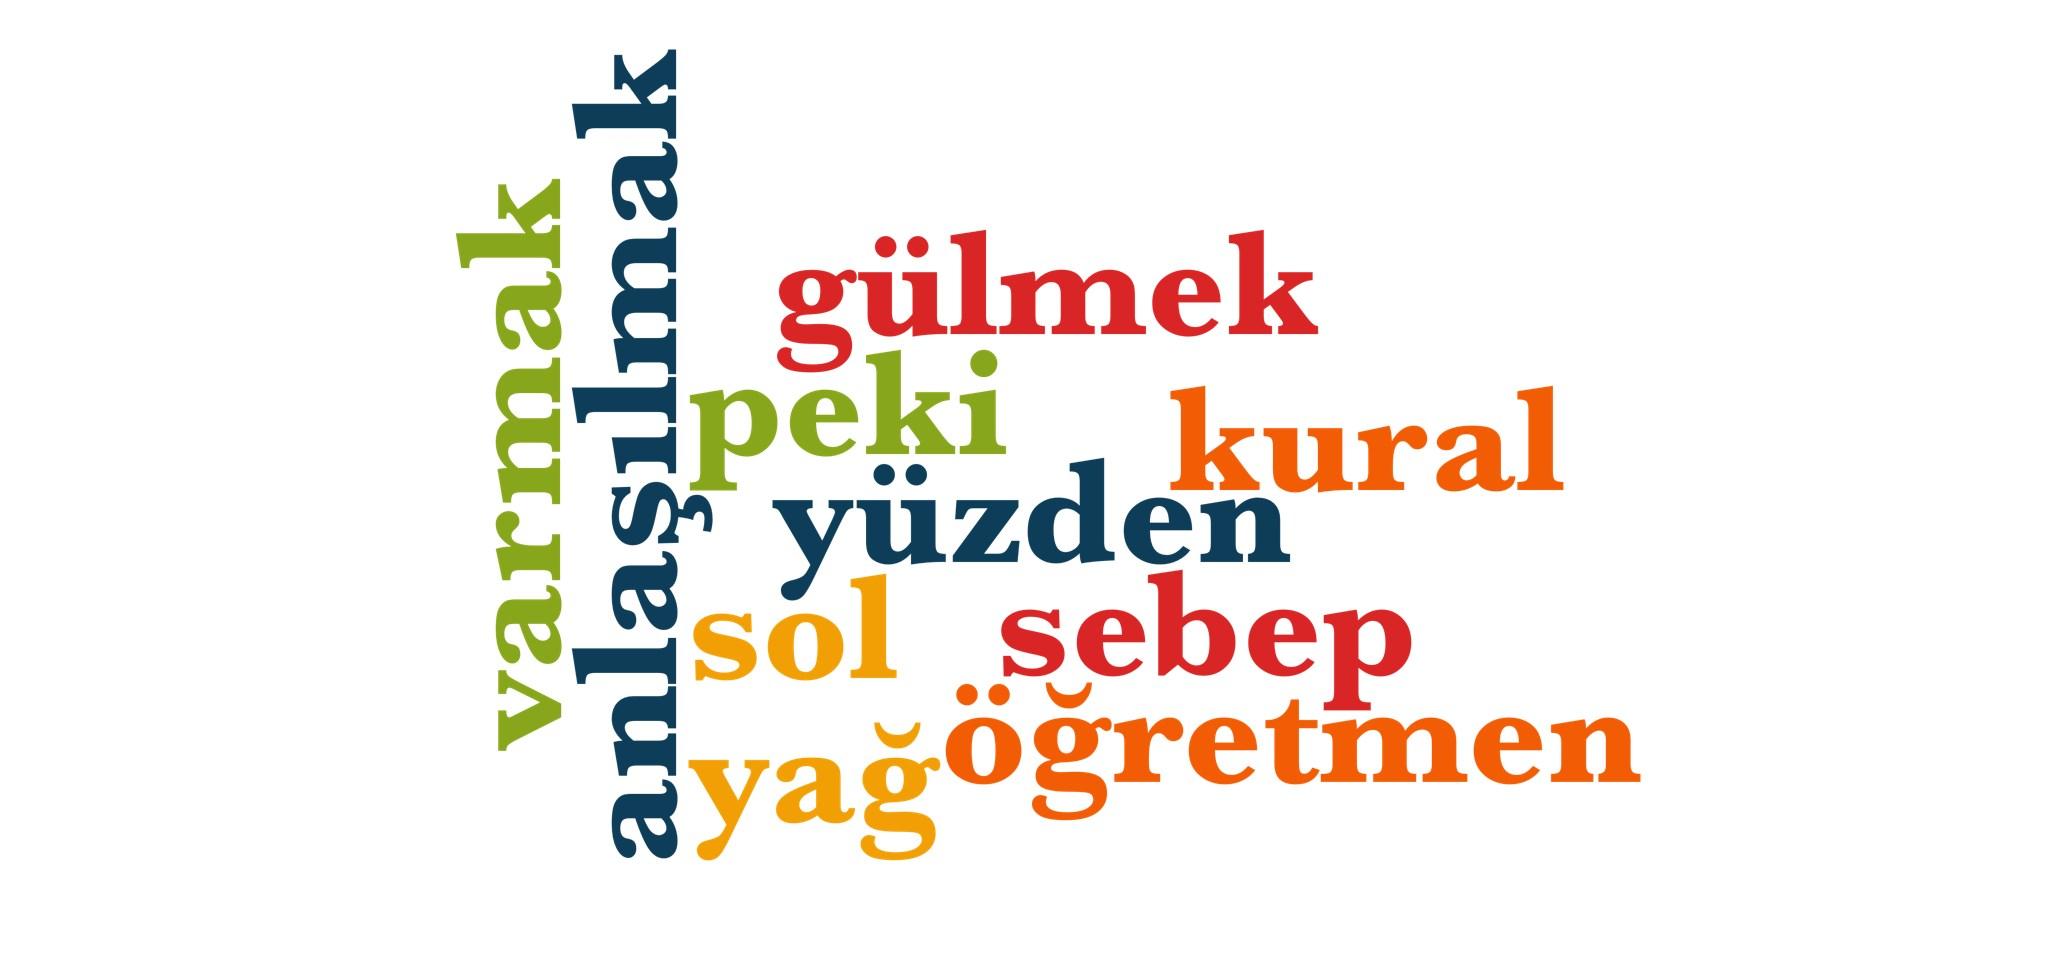 Wörter 501 bis 510 der 1000 häufigsten Wörter der türkischen Sprache